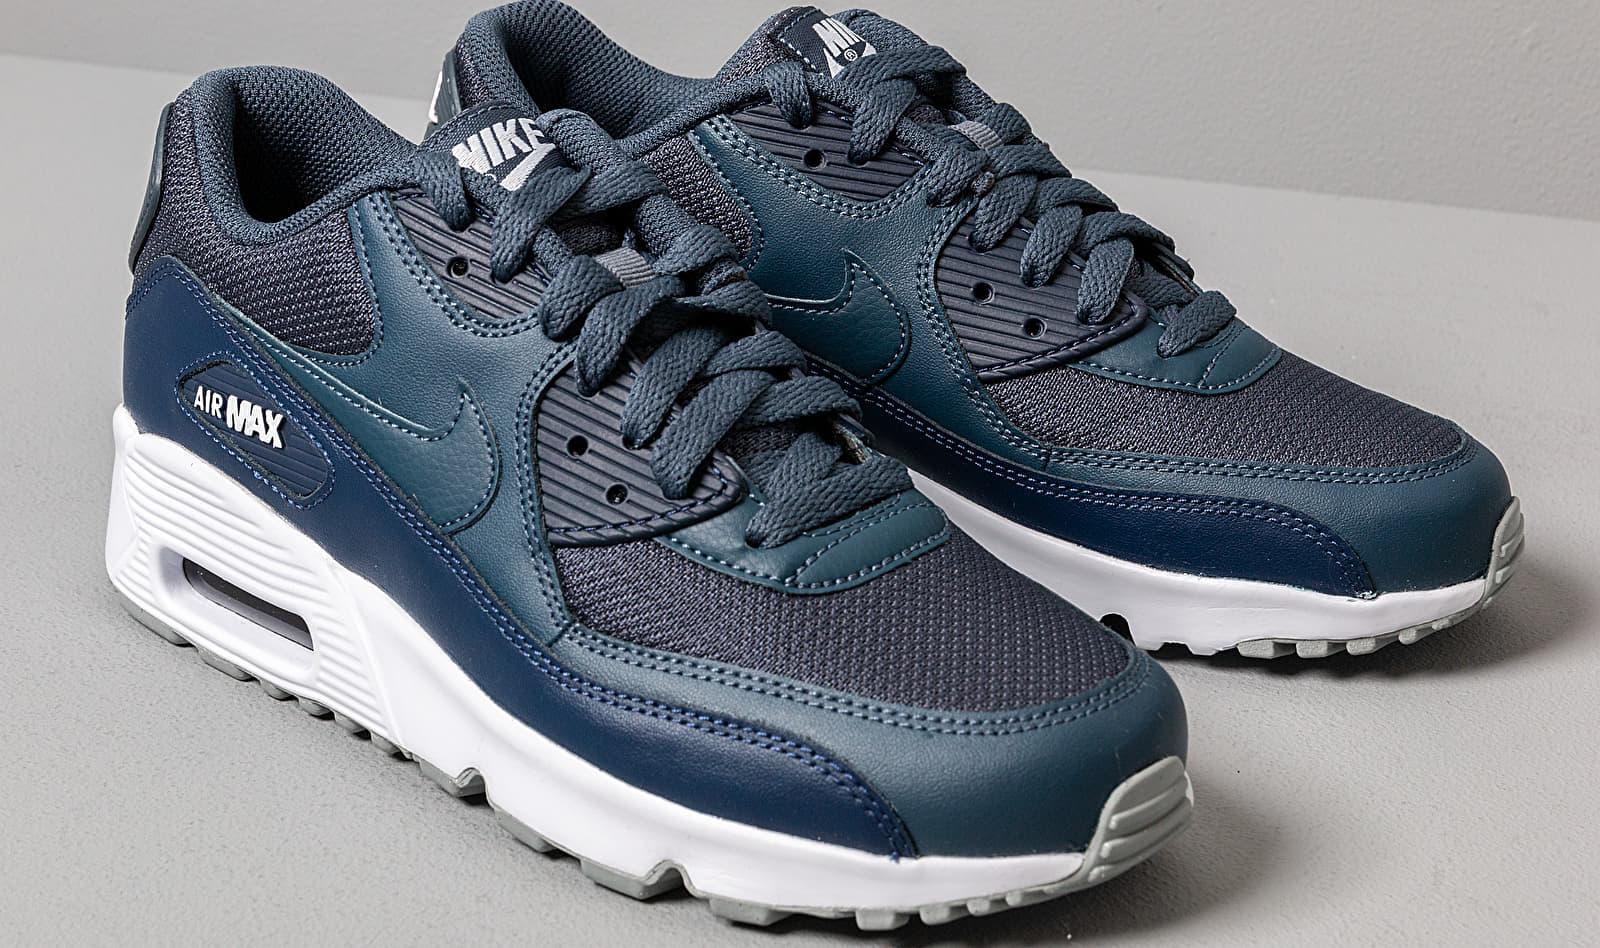 nike air max 98 zalando Cheap Nike Air Max Shoes | 1, 90, 95